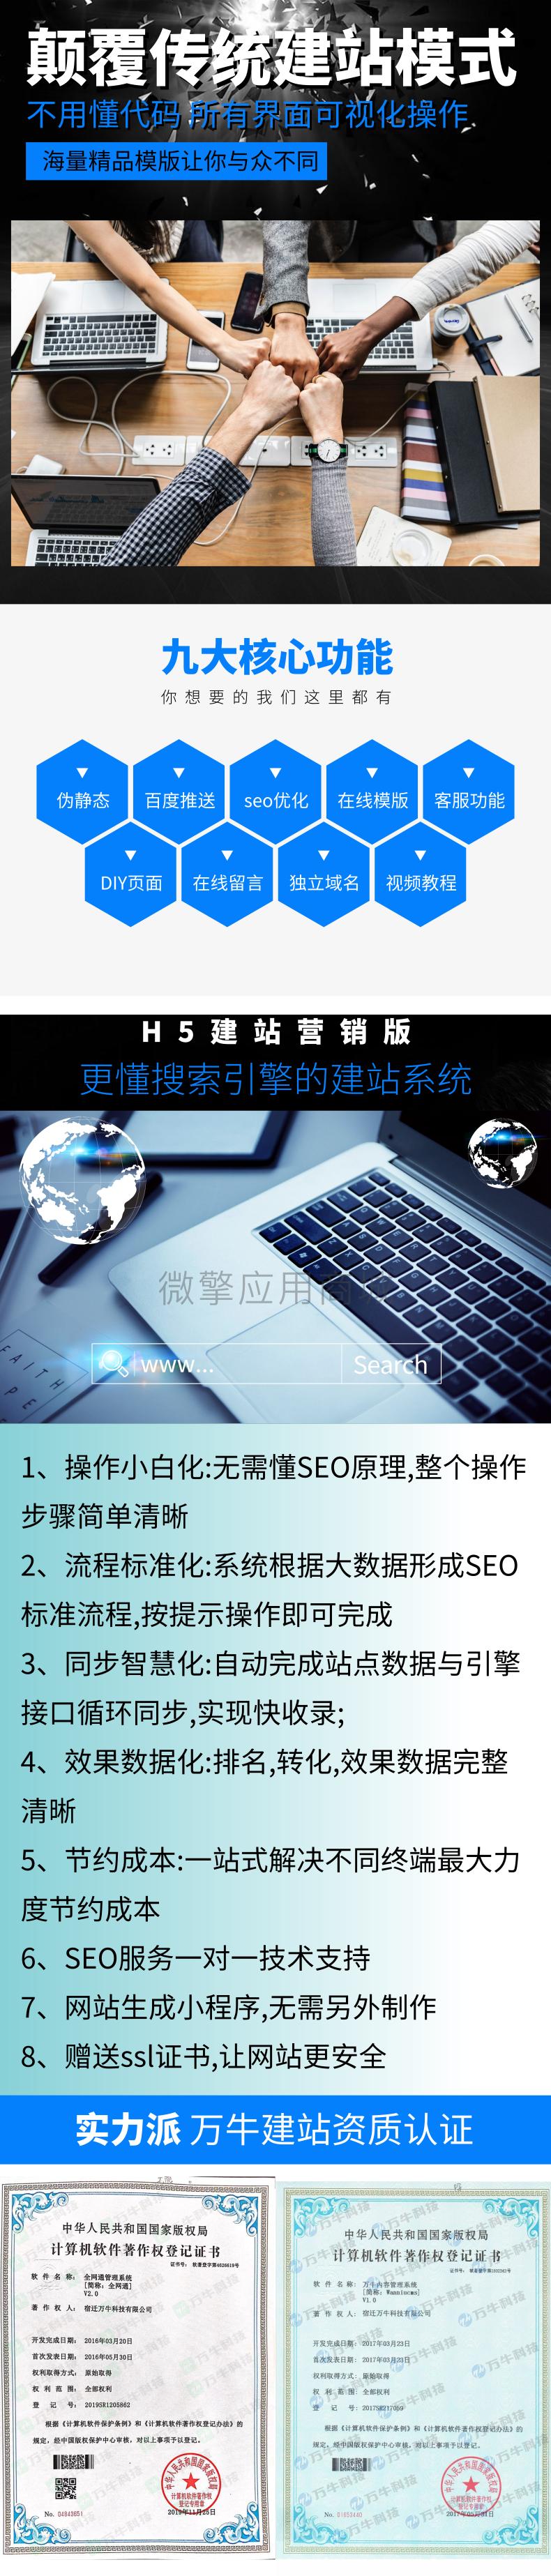 全网通建站详情.png